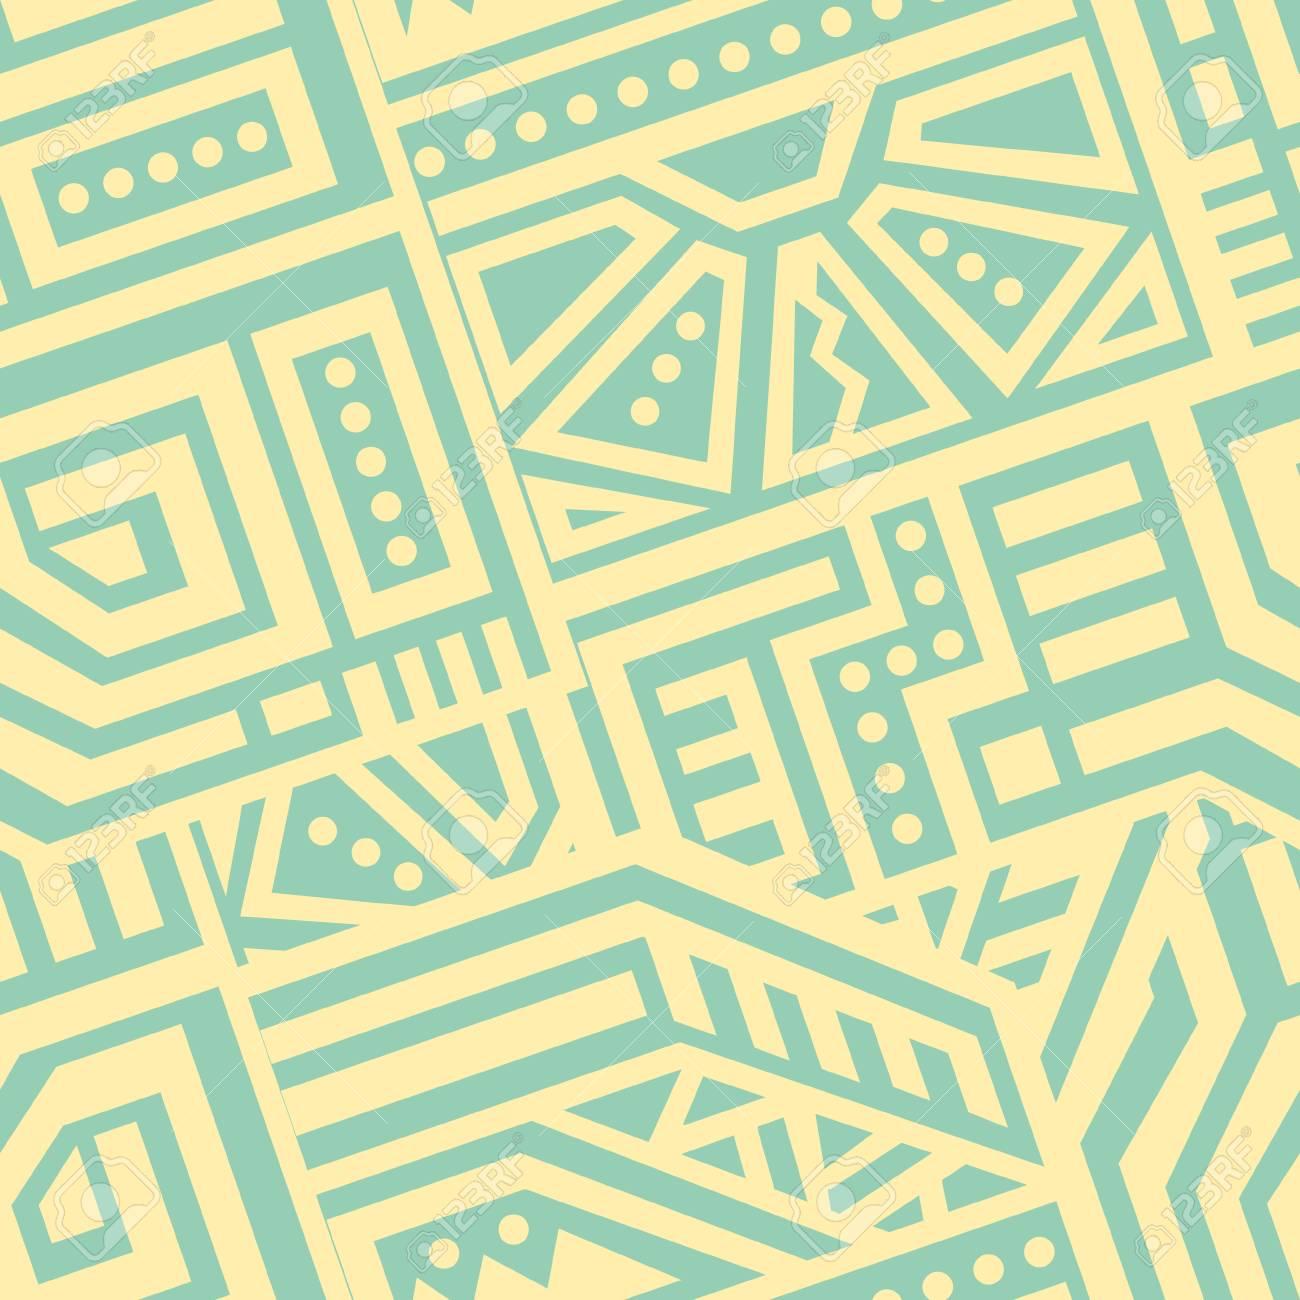 創造的なエスニック スタイルの正方形のシームレスなパターン